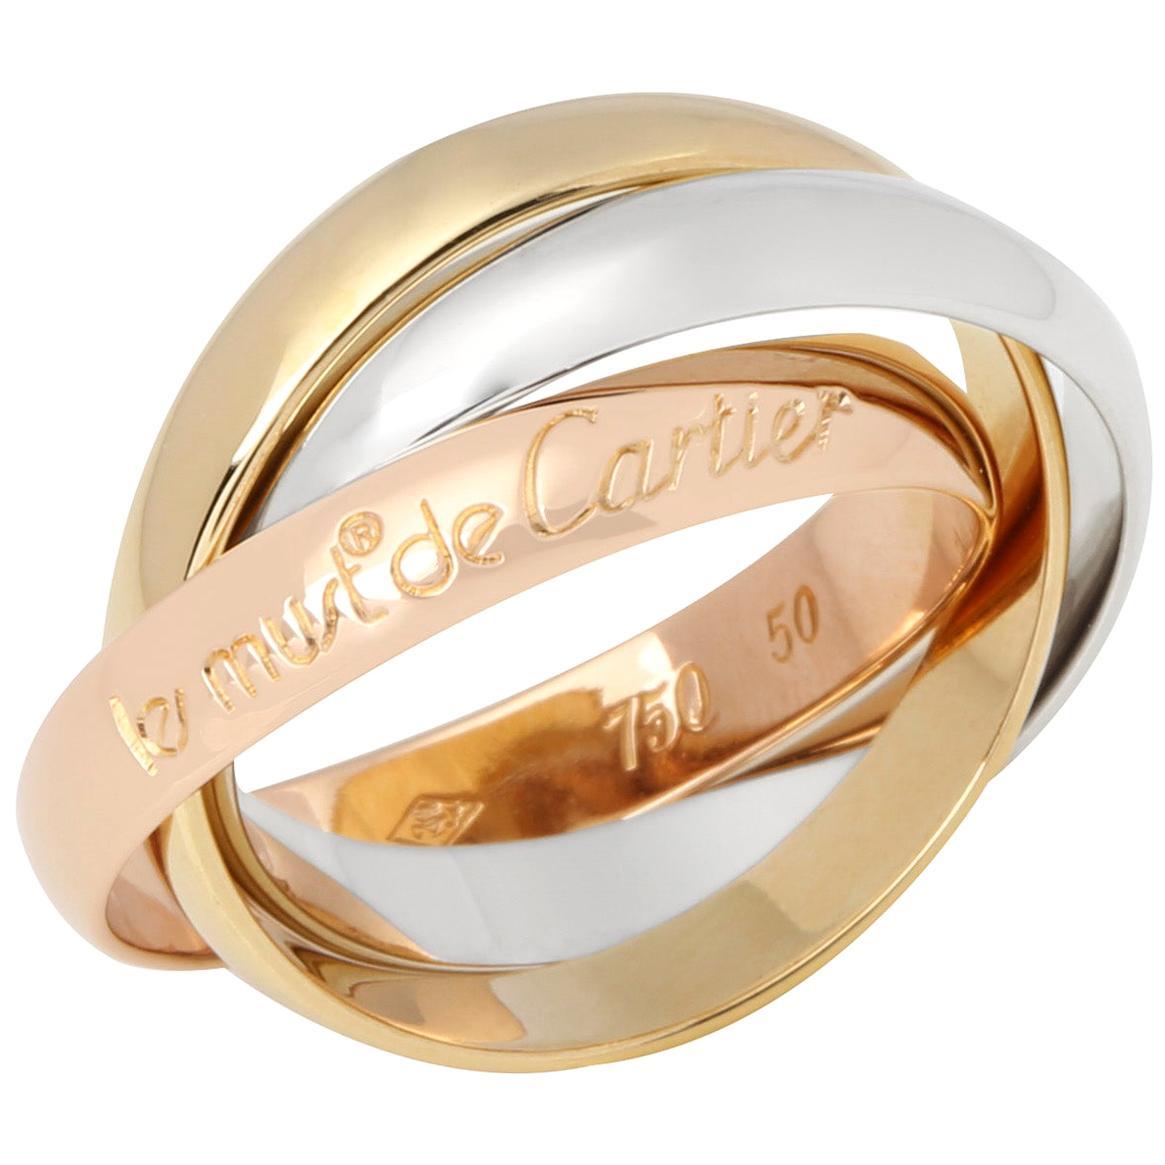 Cartier Les Must De Cartier Tri Colour Ring